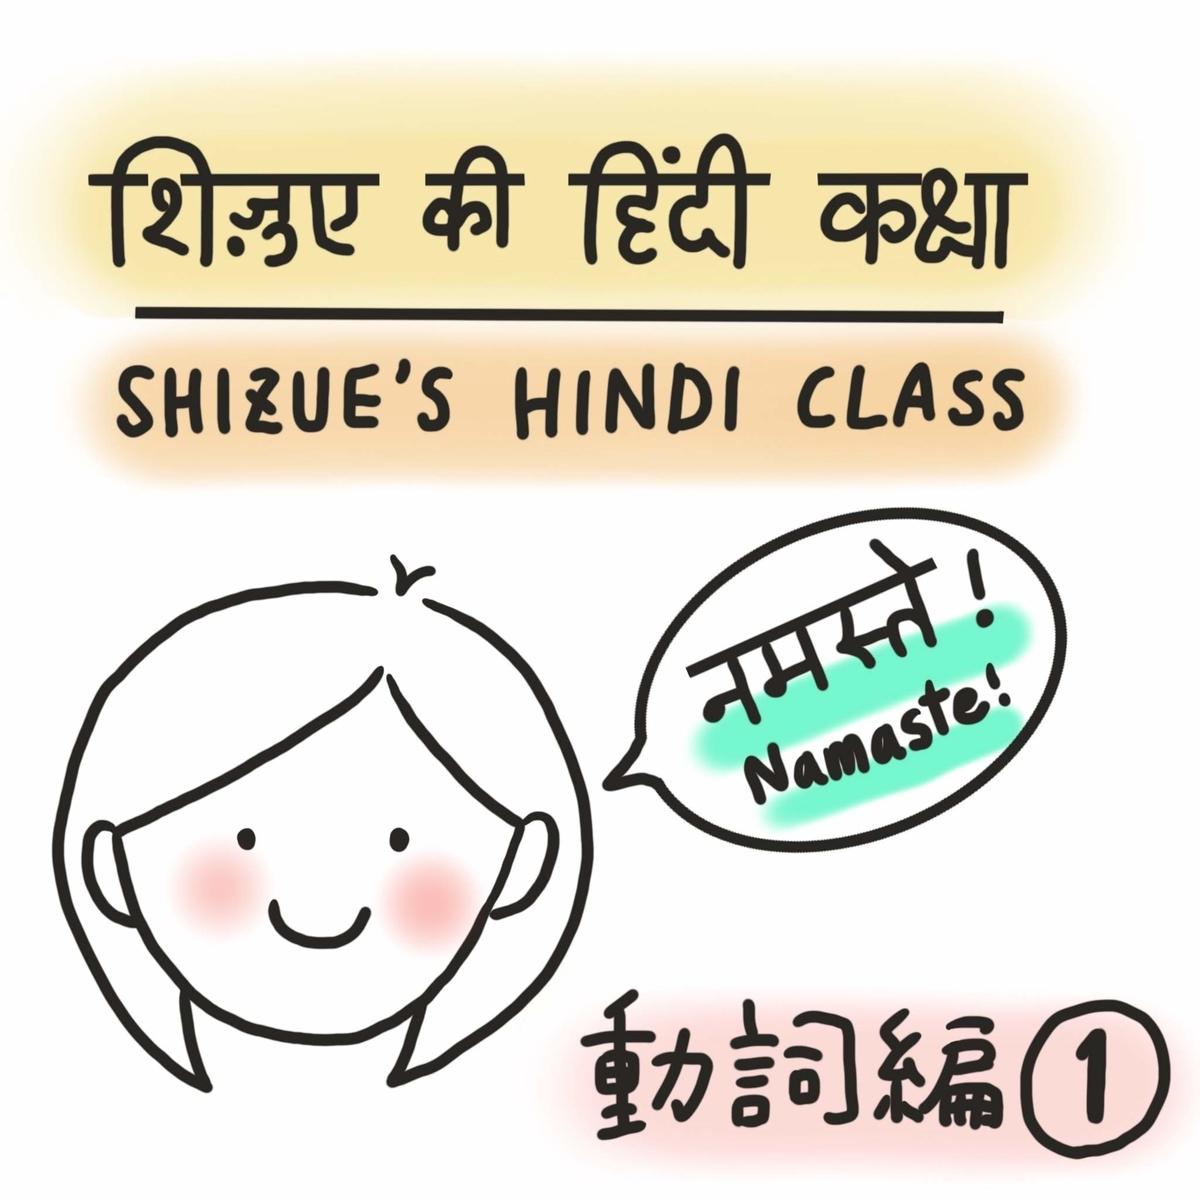 f:id:shinshizue:20200324015658j:plain